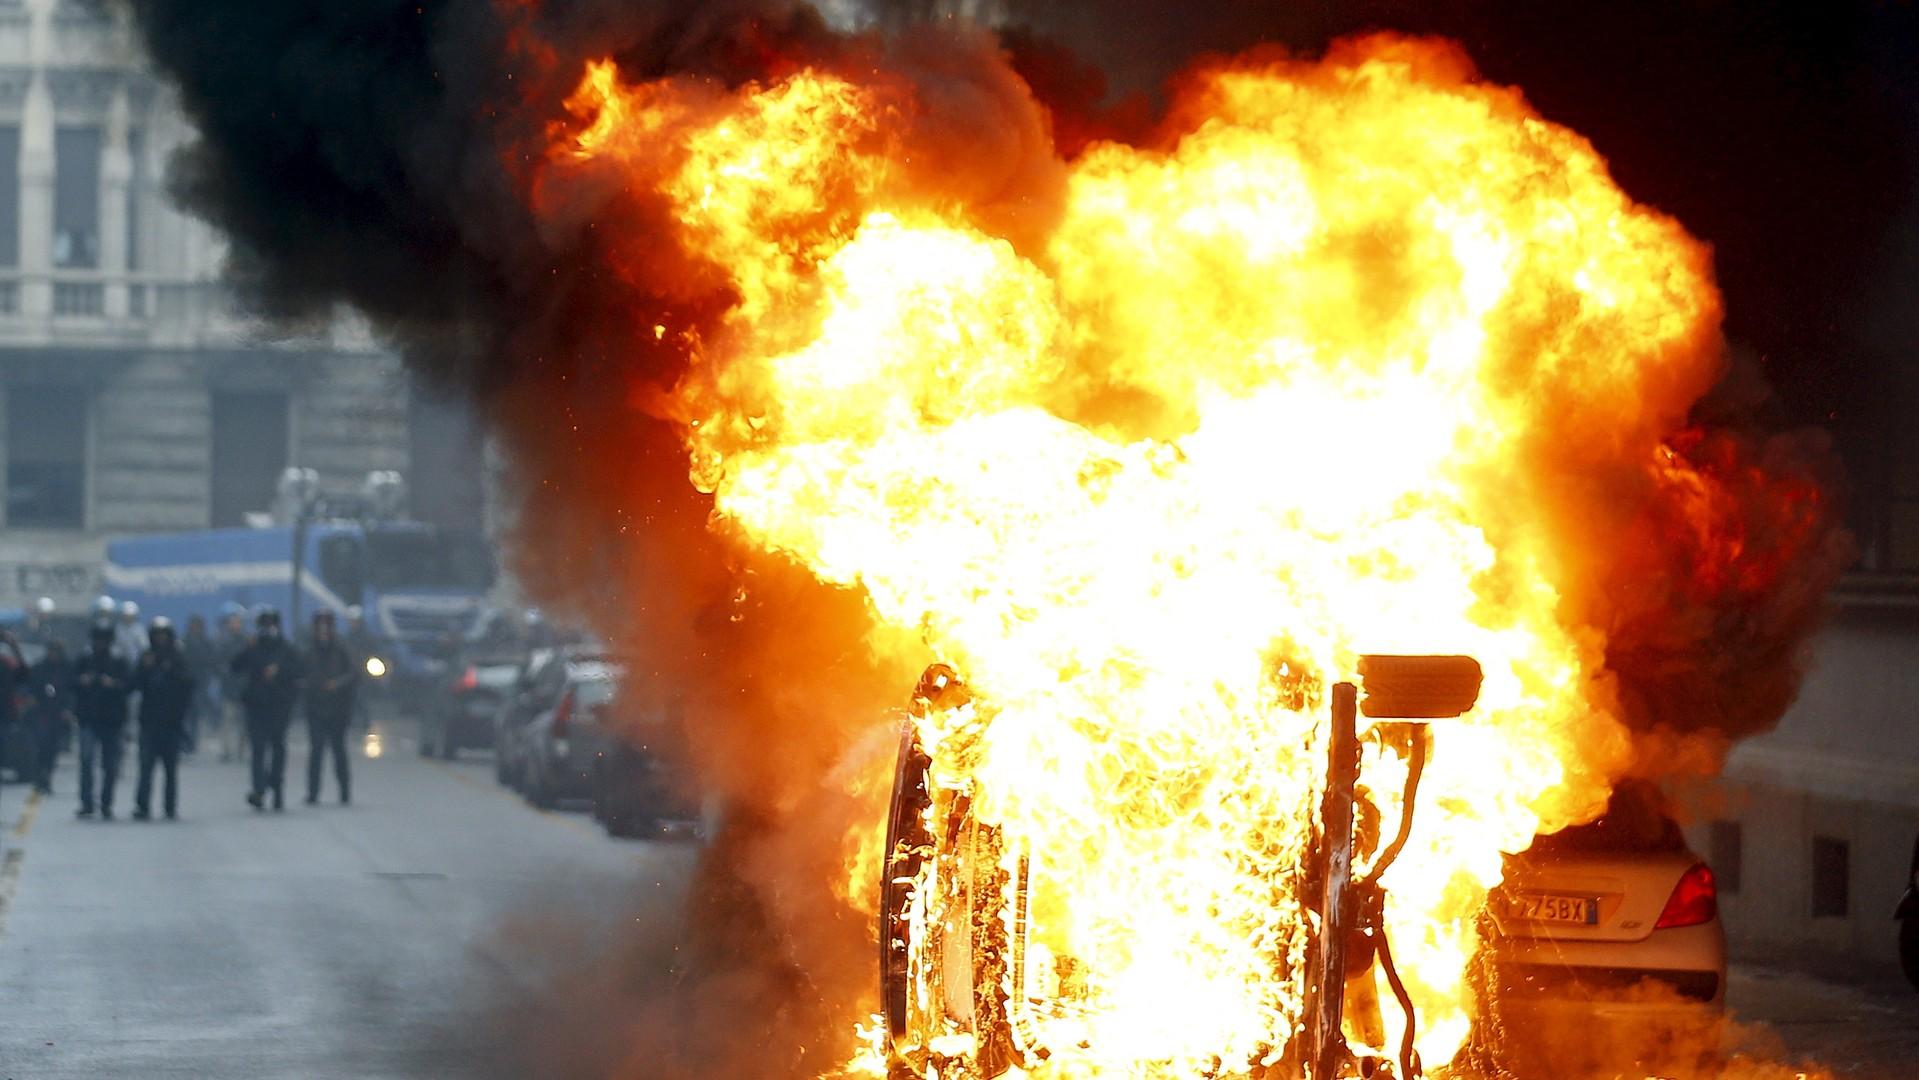 Voitures incendiées par les militants au cours d'une manifestation anti-Expo universelle